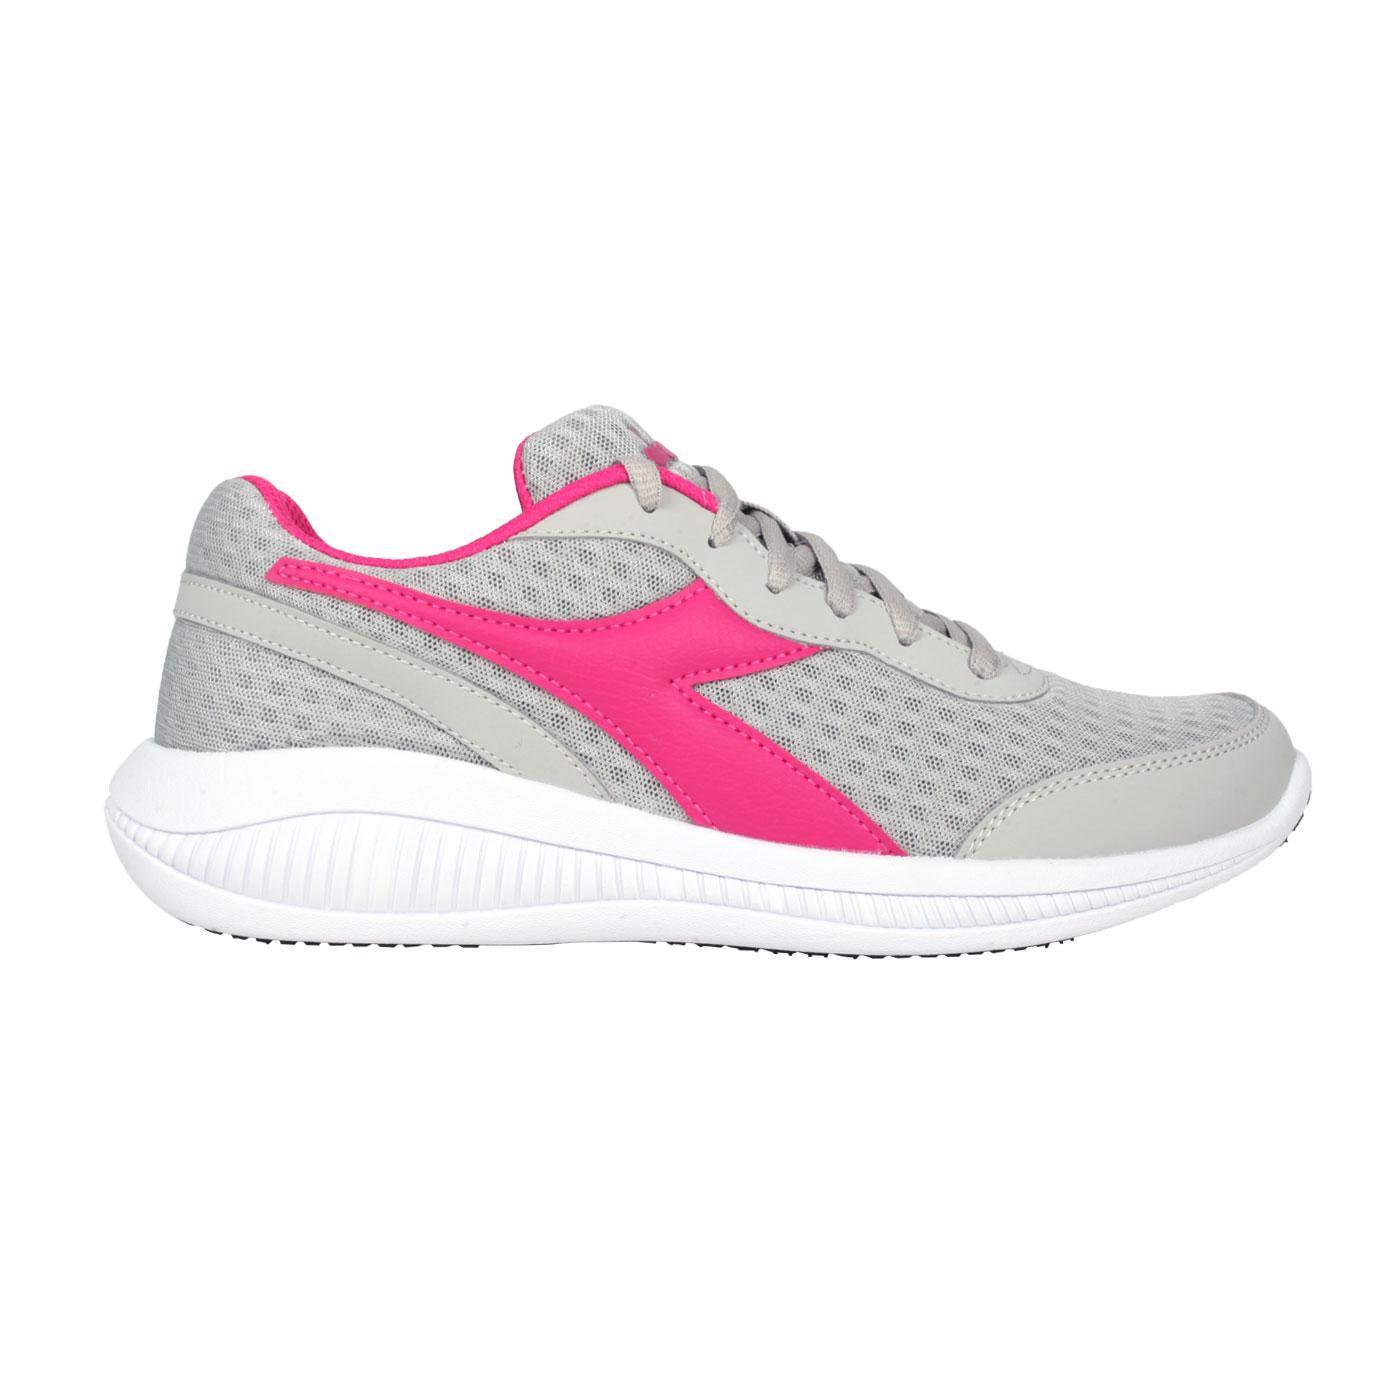 DIADORA 女款原廠進口慢跑鞋 DA176894-C3916